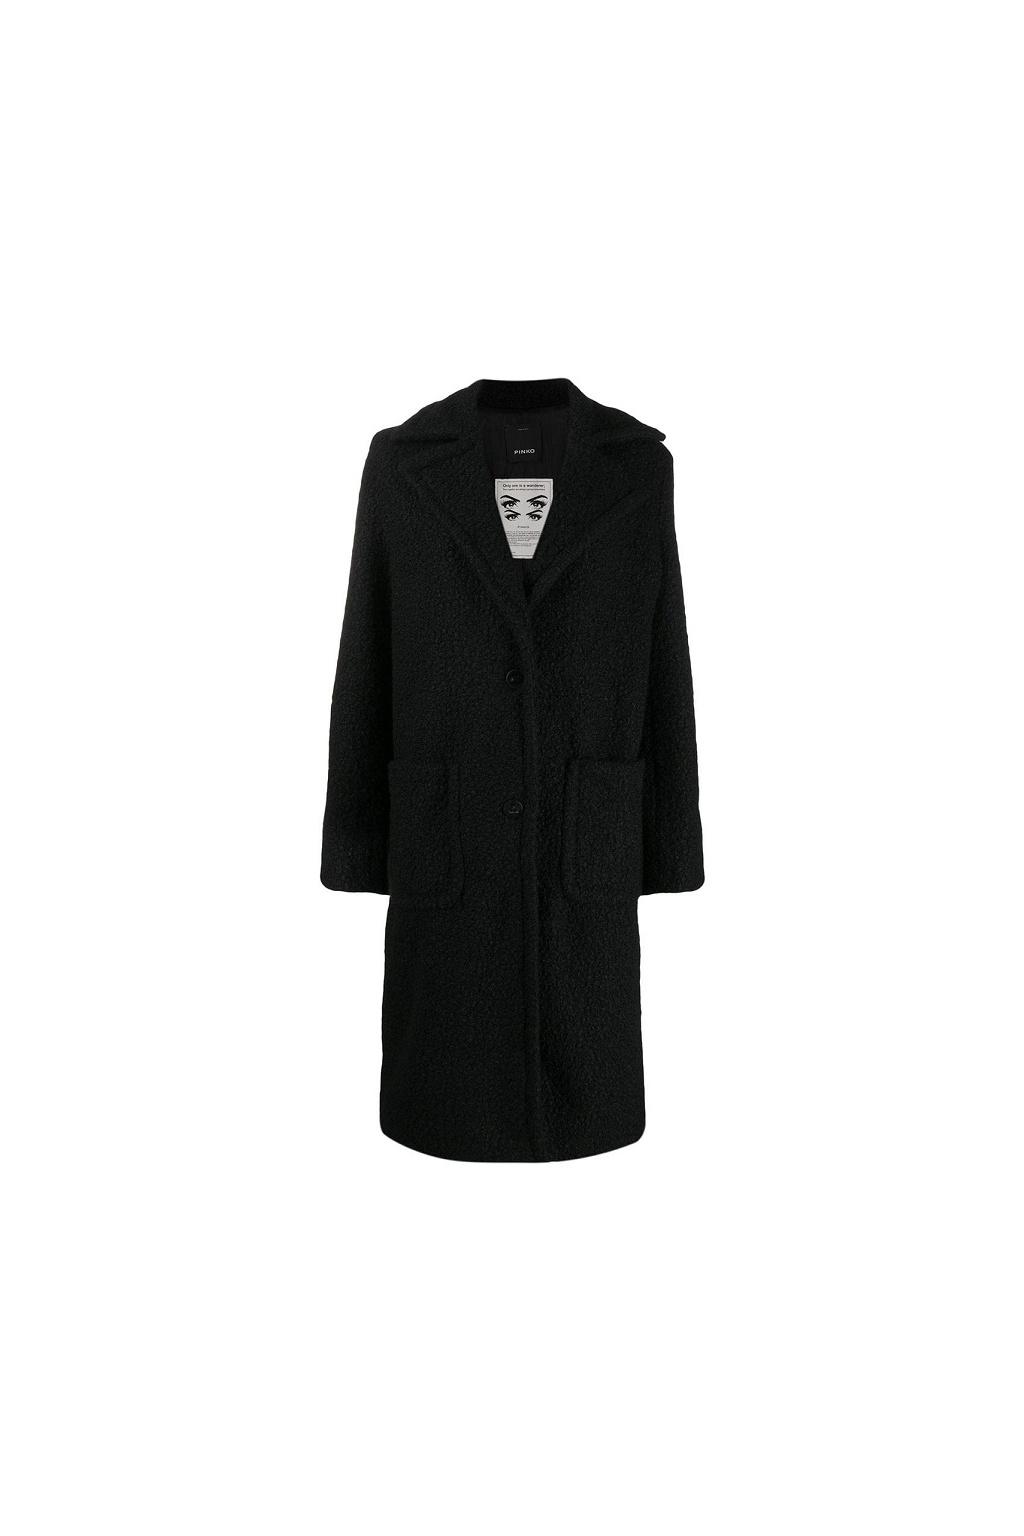 1B13ZF 7711 Pinko kabát Favola černý